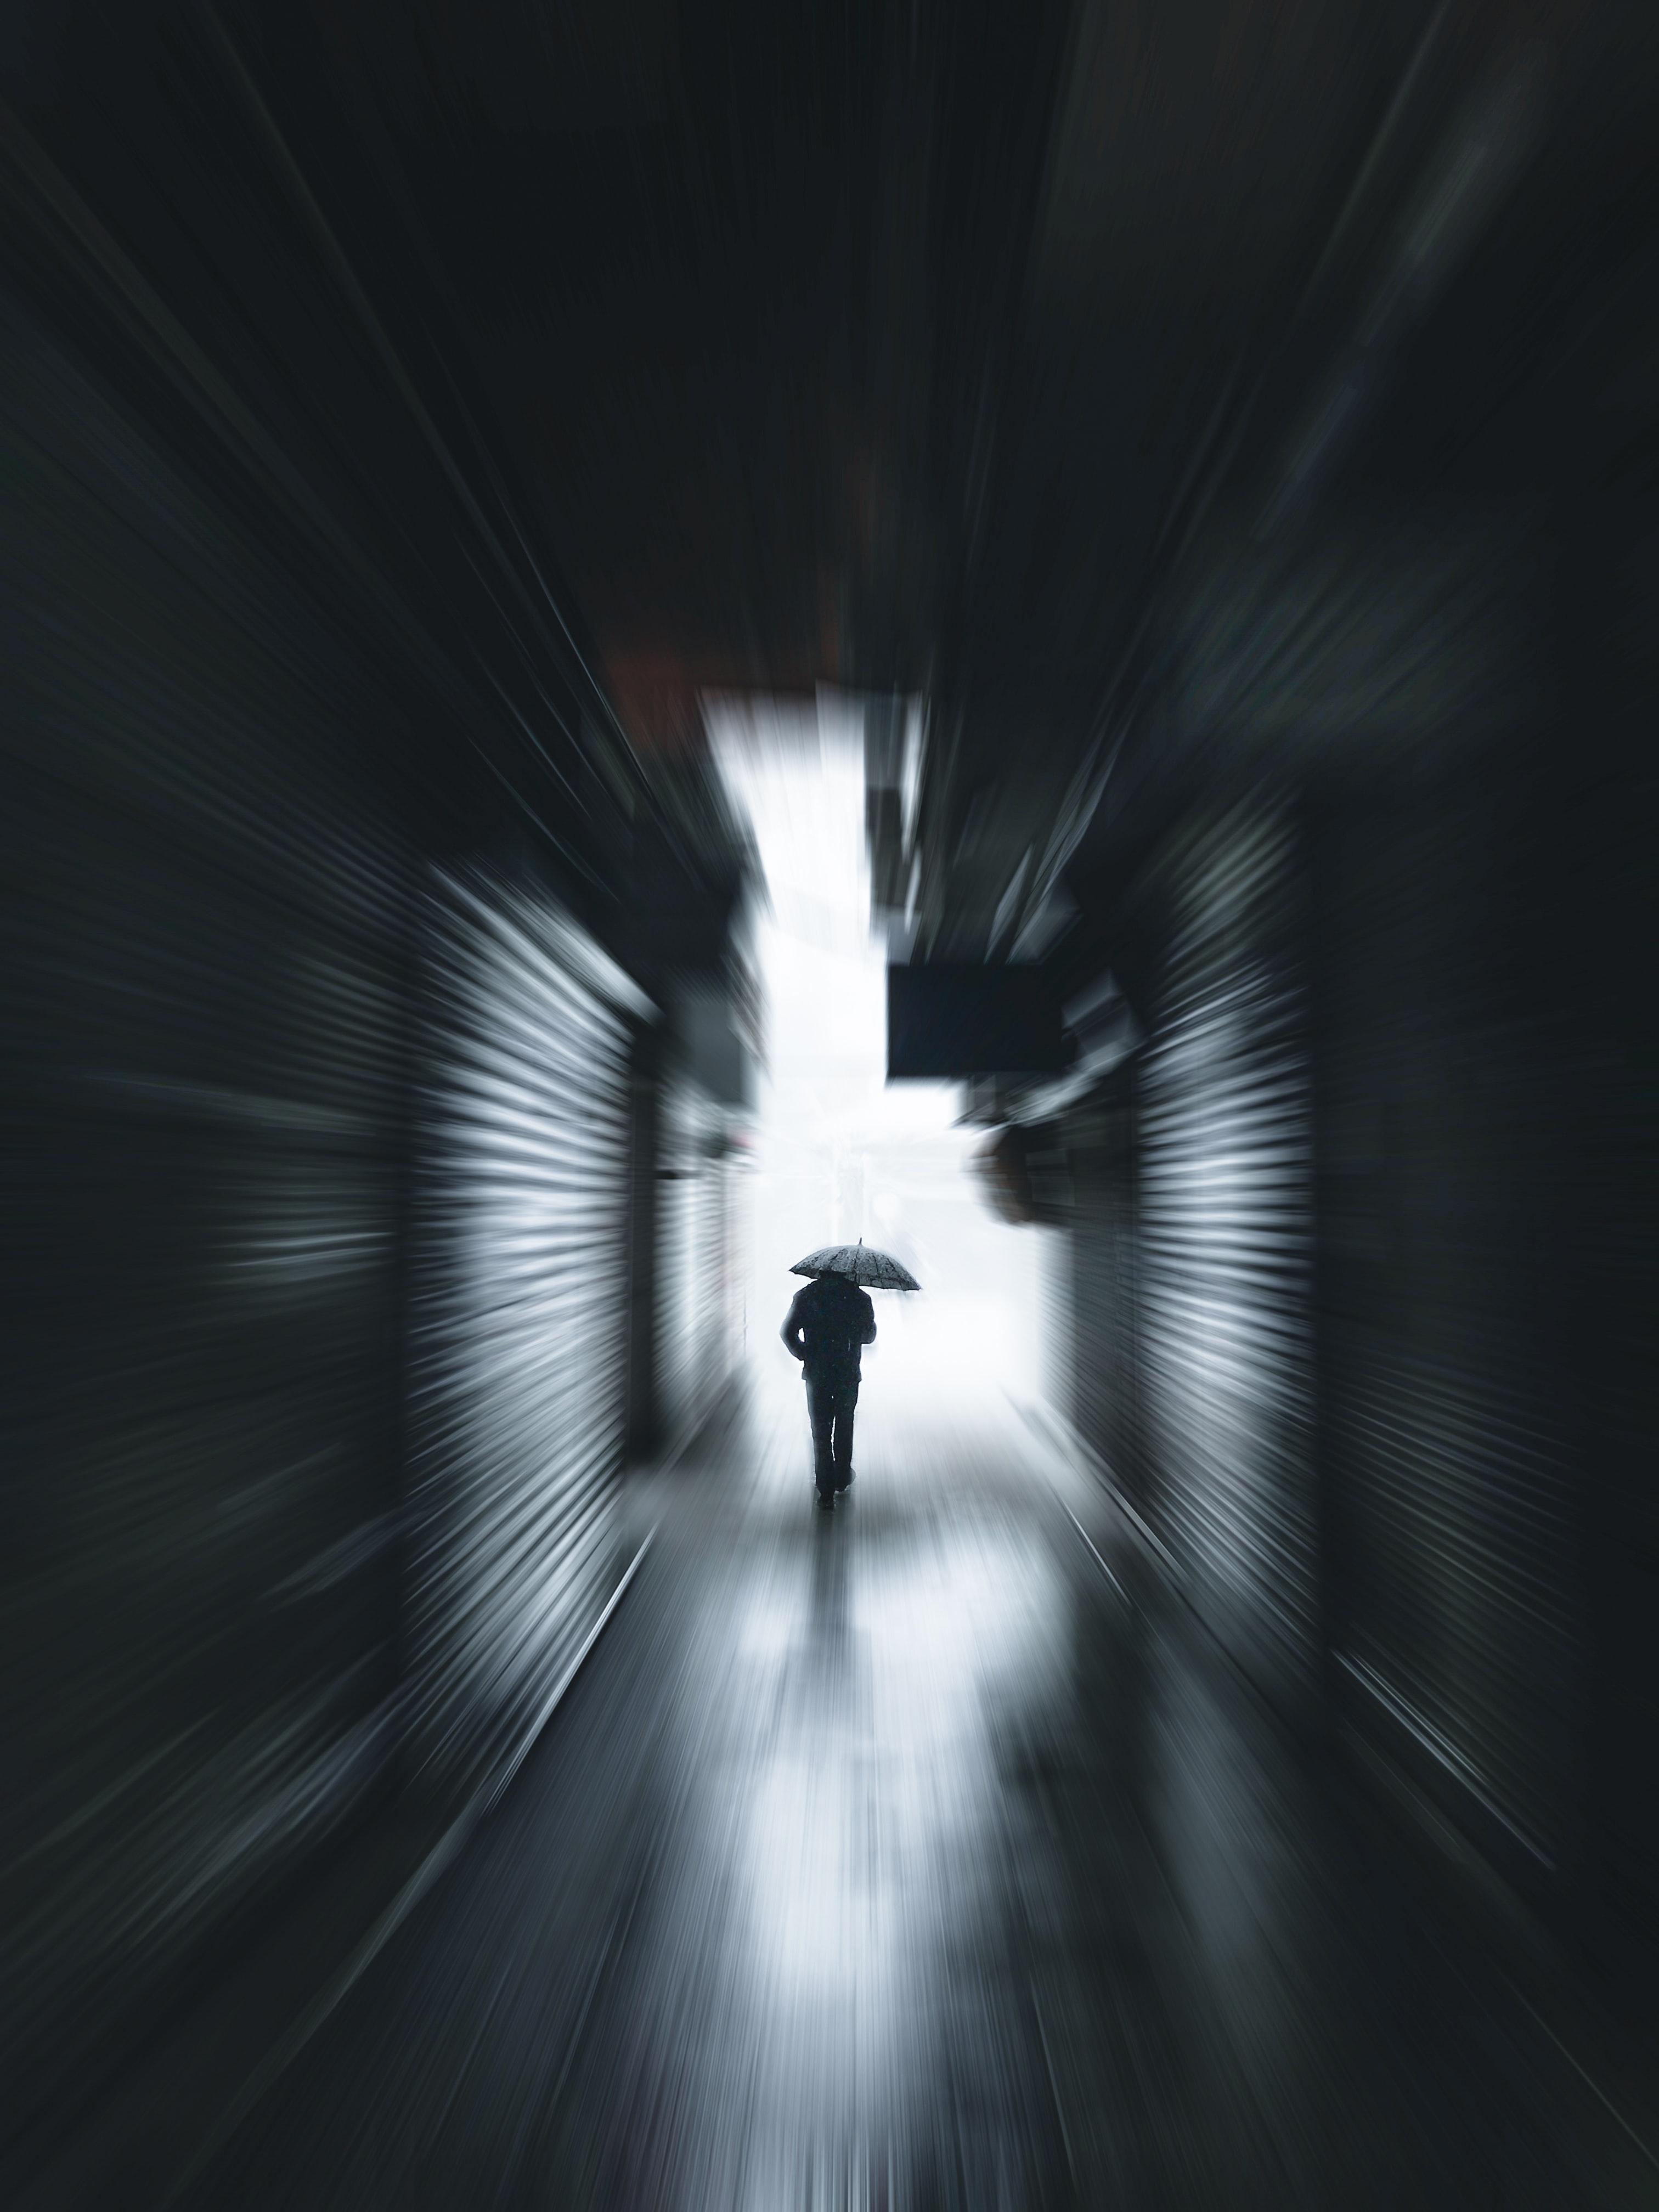 91771壁紙のダウンロードその他, 雑, 人間, 人, シルエット, 傘, トンネル, 孤独, 寂しさ-スクリーンセーバーと写真を無料で